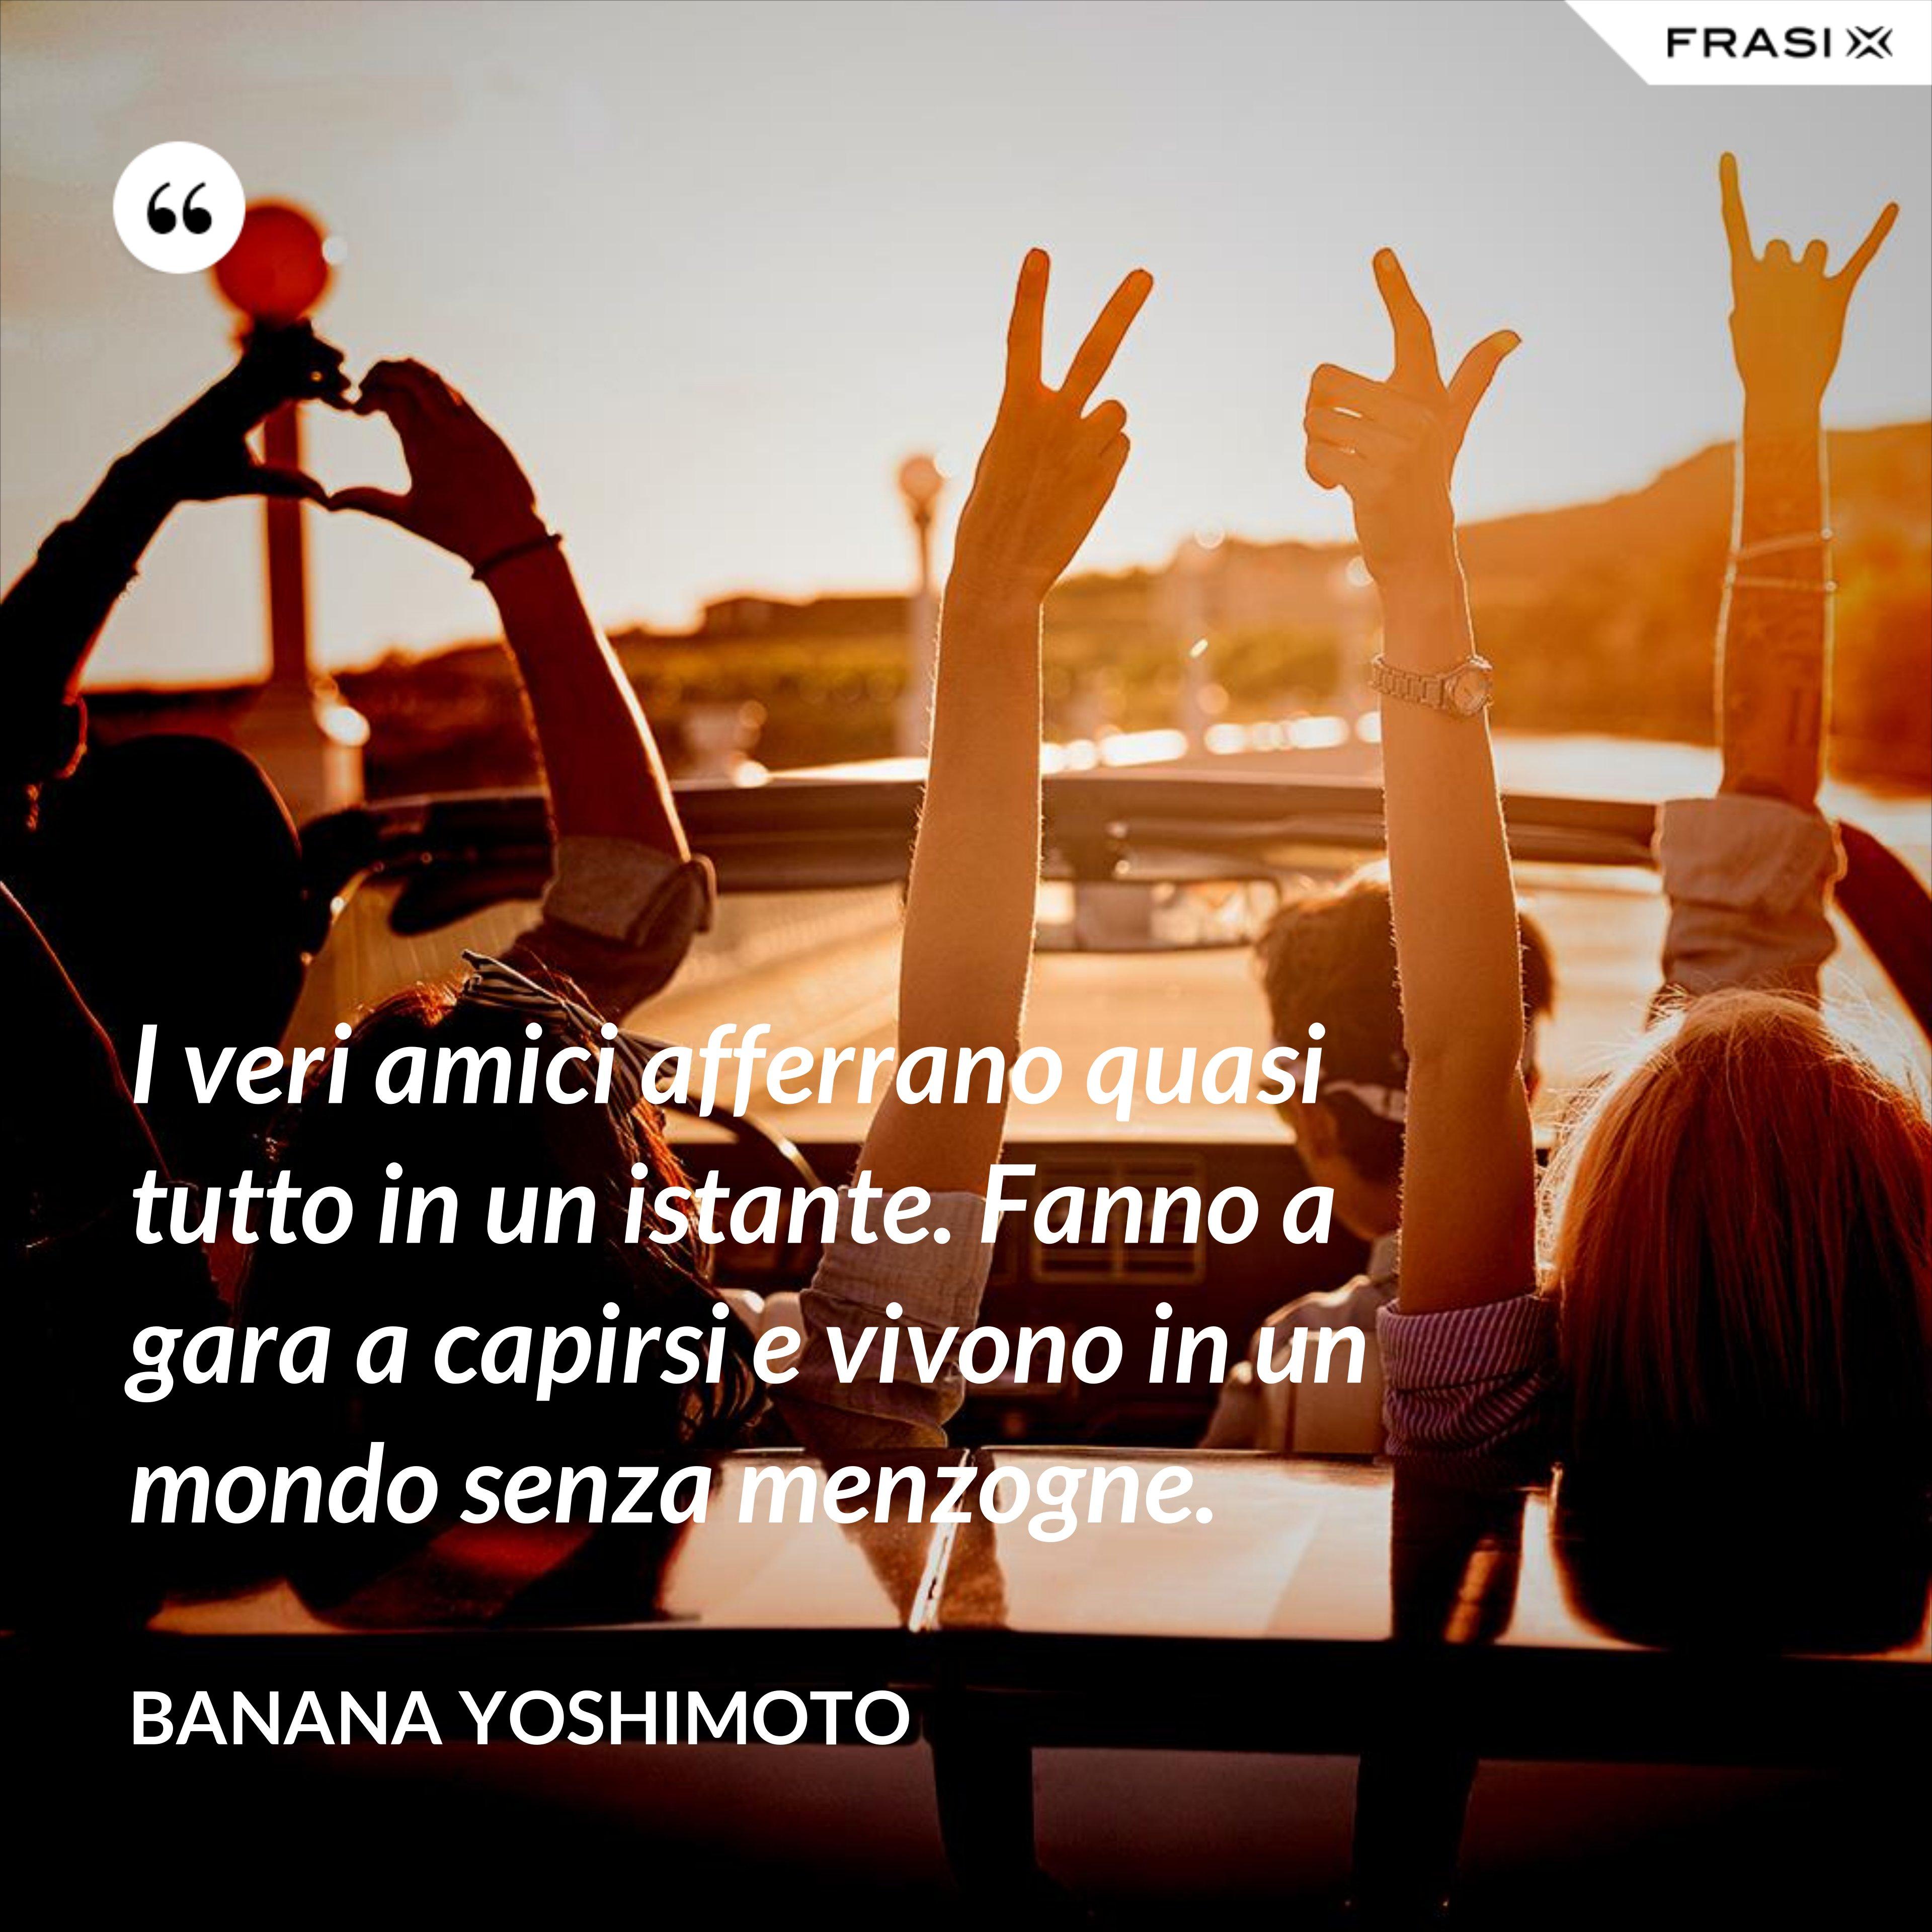 I veri amici afferrano quasi tutto in un istante. Fanno a gara a capirsi e vivono in un mondo senza menzogne. - Banana Yoshimoto